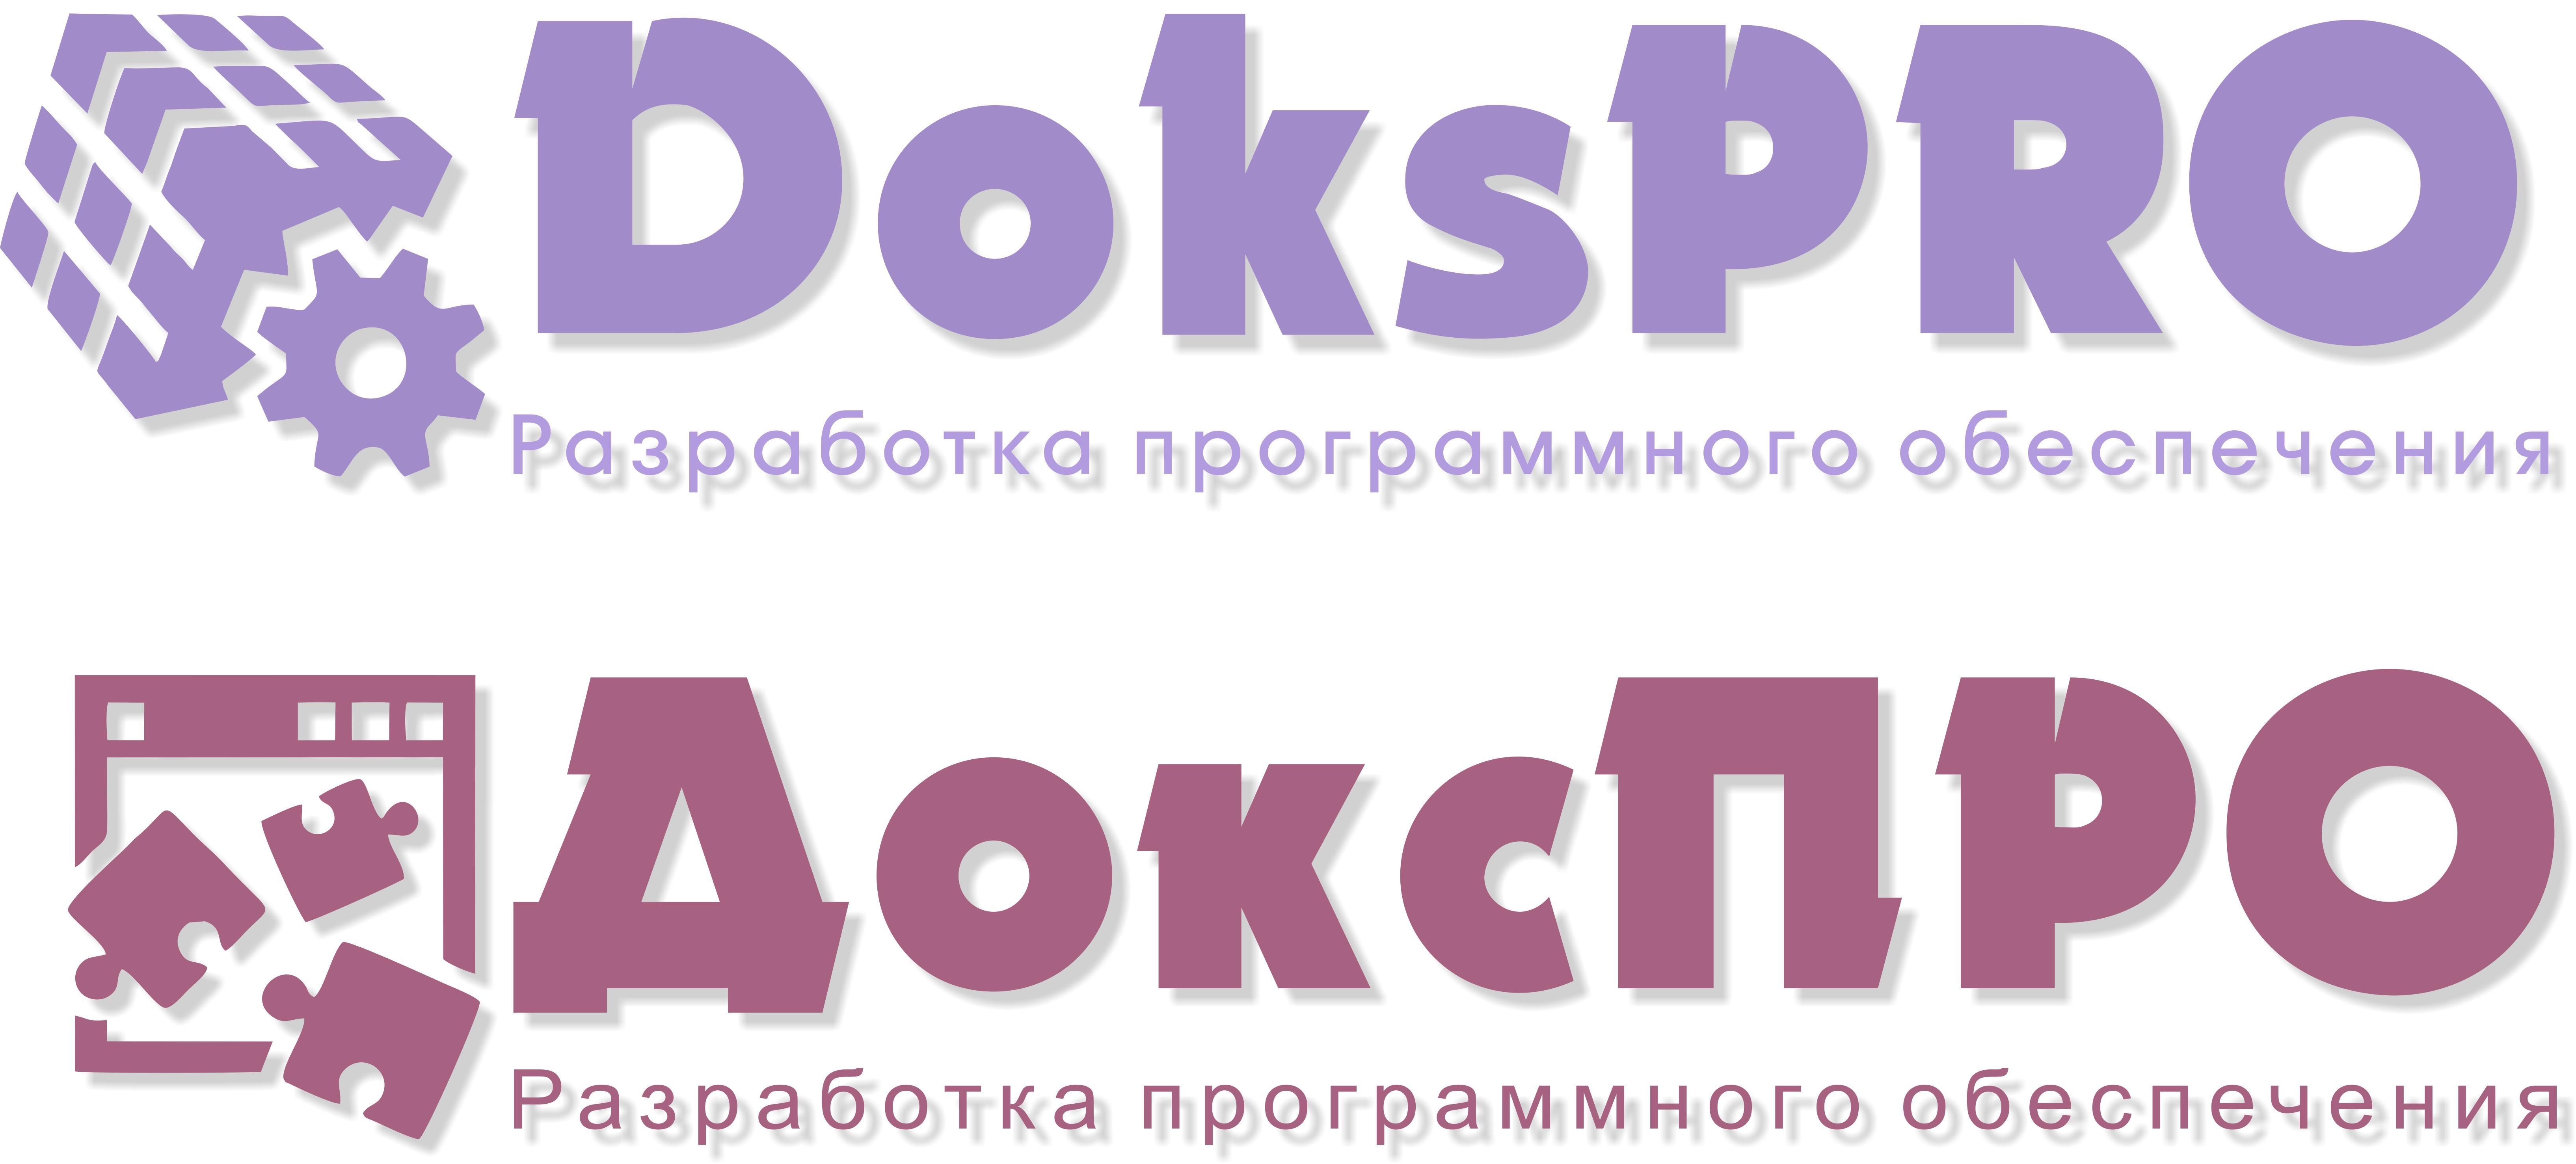 Разработка товарного знака/логотипа фото f_37859f054556e4ed.jpg